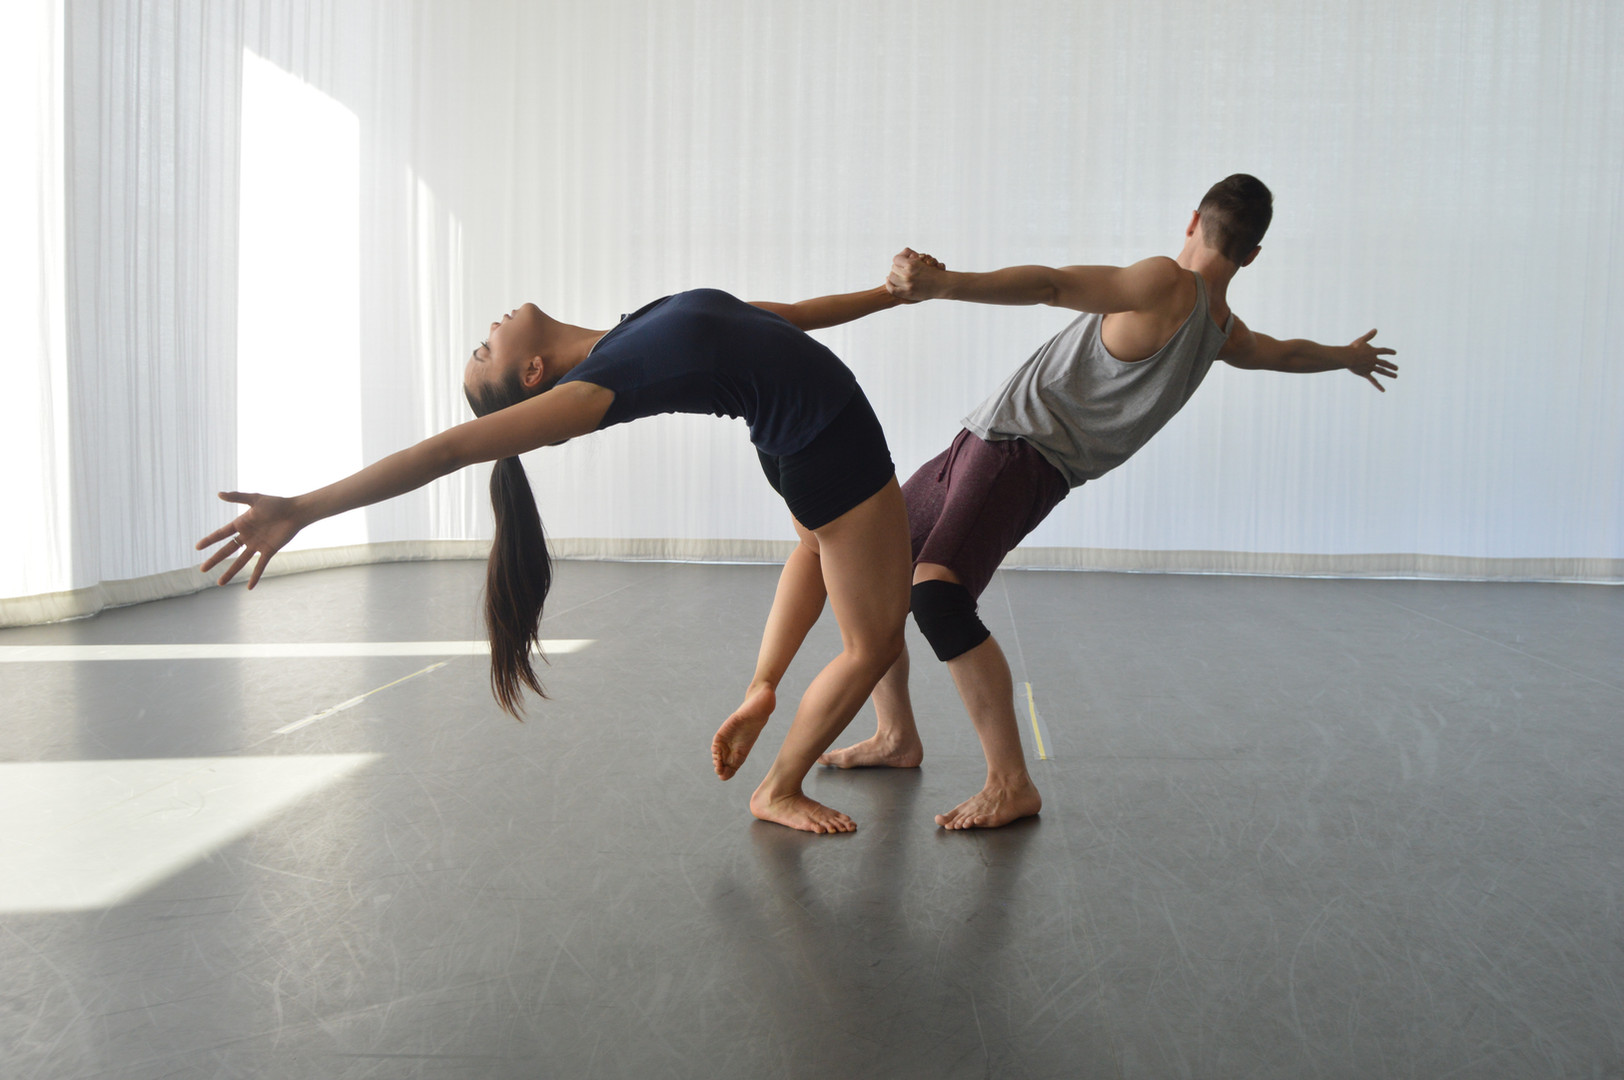 Dance Photoshoot